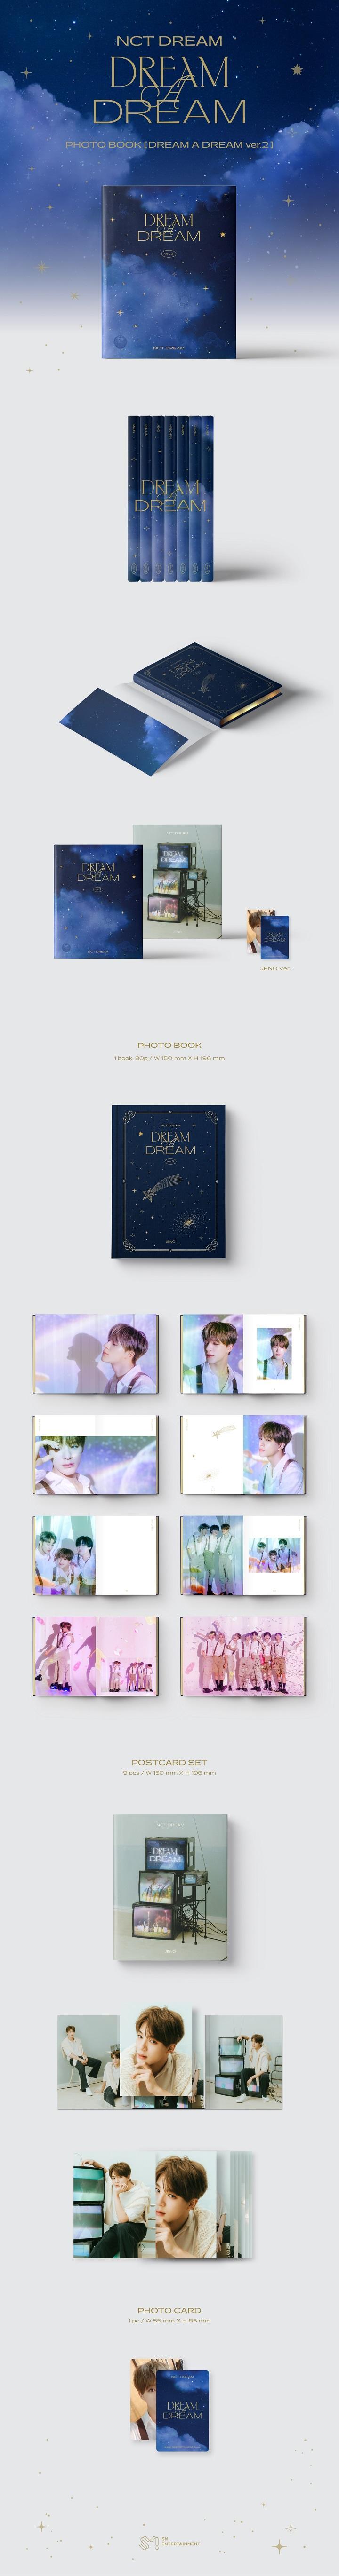 NCT DREAM-PHOTOBOOK [DREAM A DREAM ver.2] [JENO]